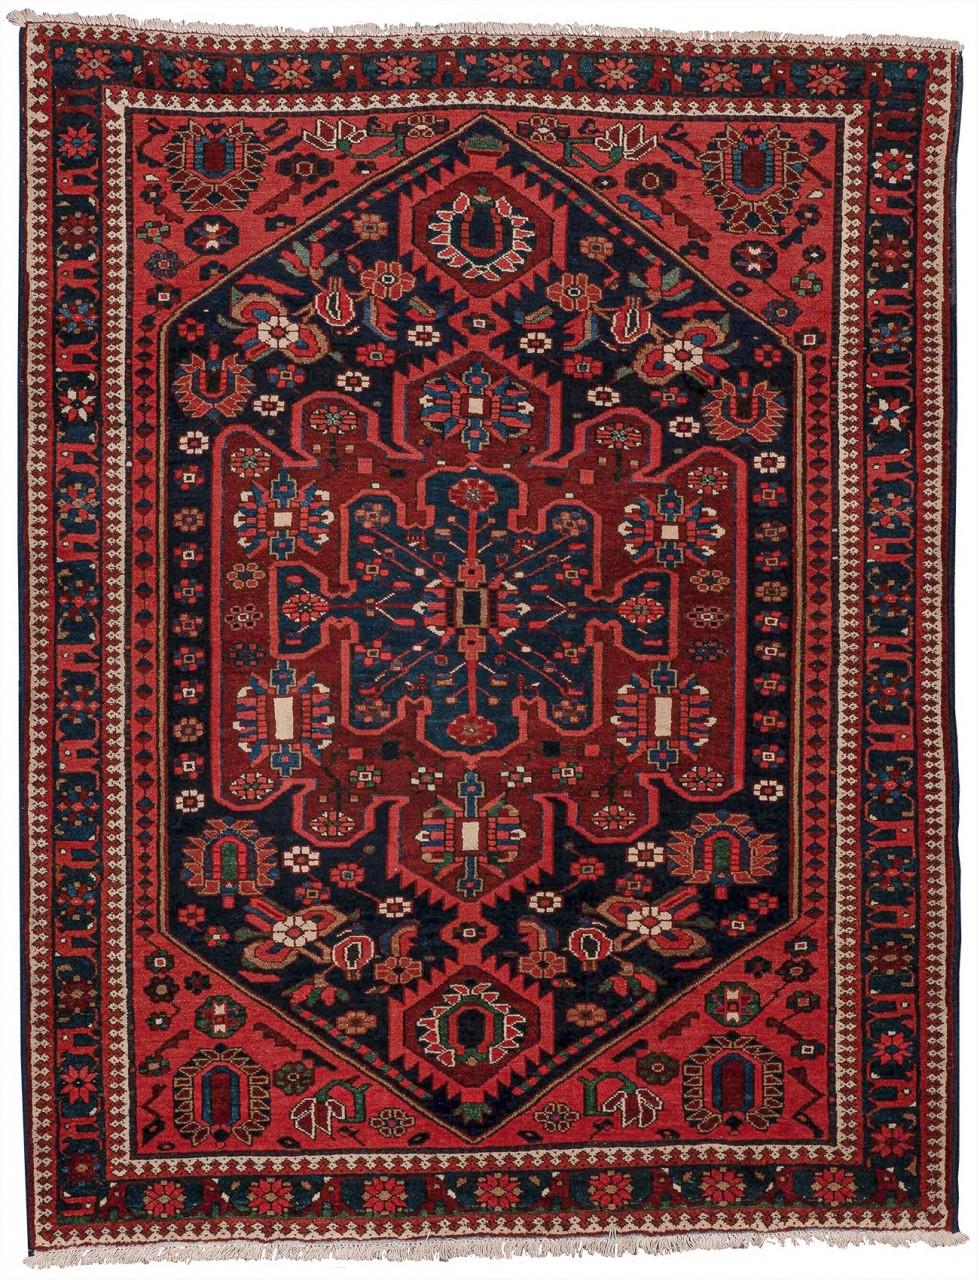 Orientteppich Bachtiar